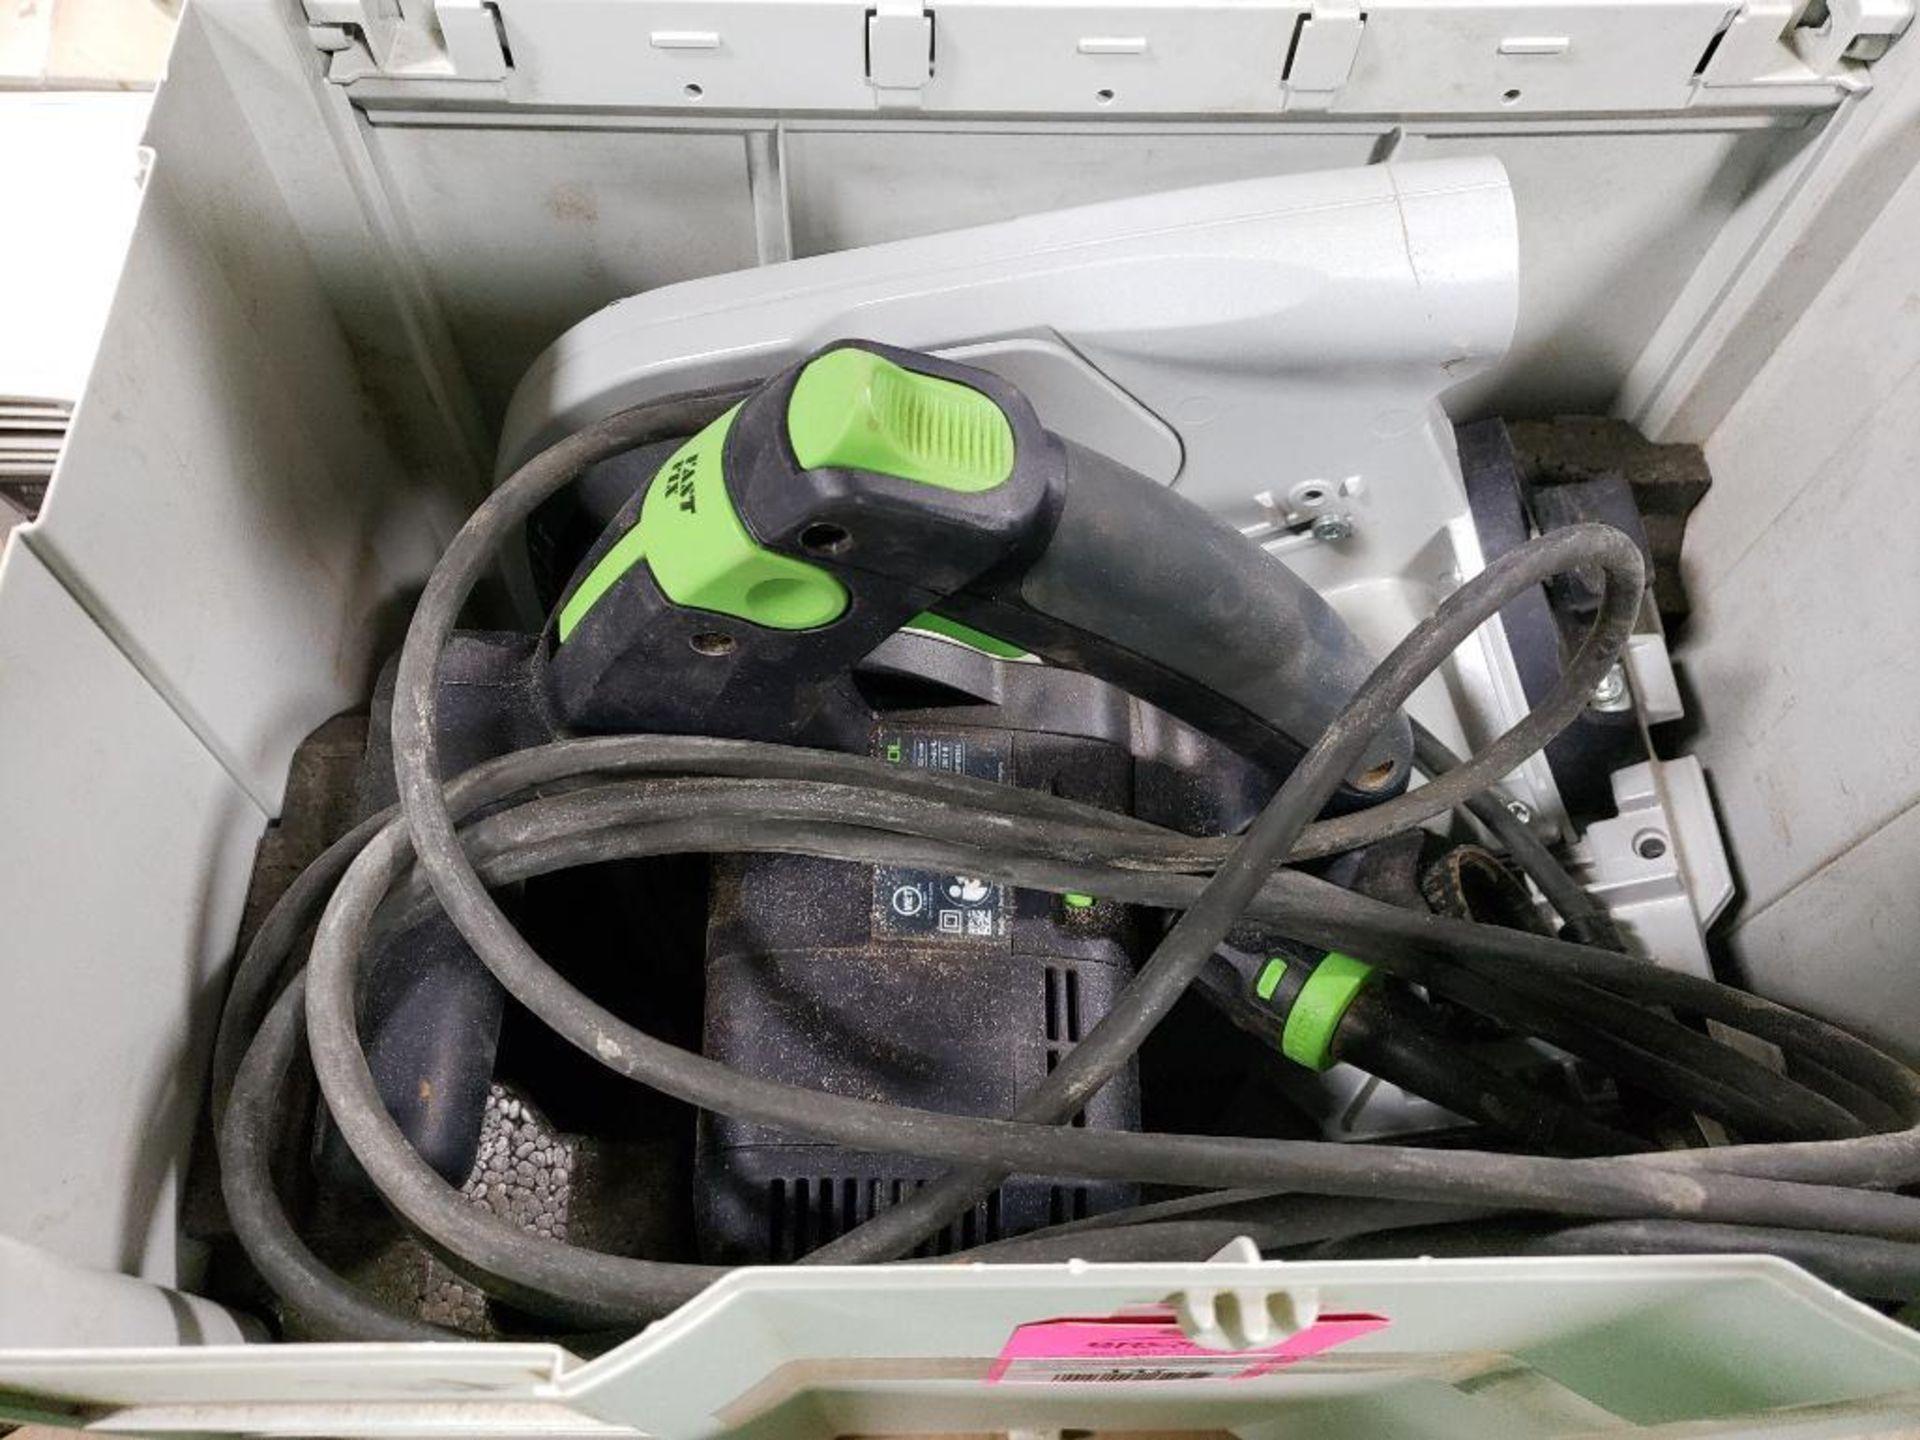 Festool TS75EQ-F-Plus USA Circular saw. 13AMP, 120V. - Image 5 of 7